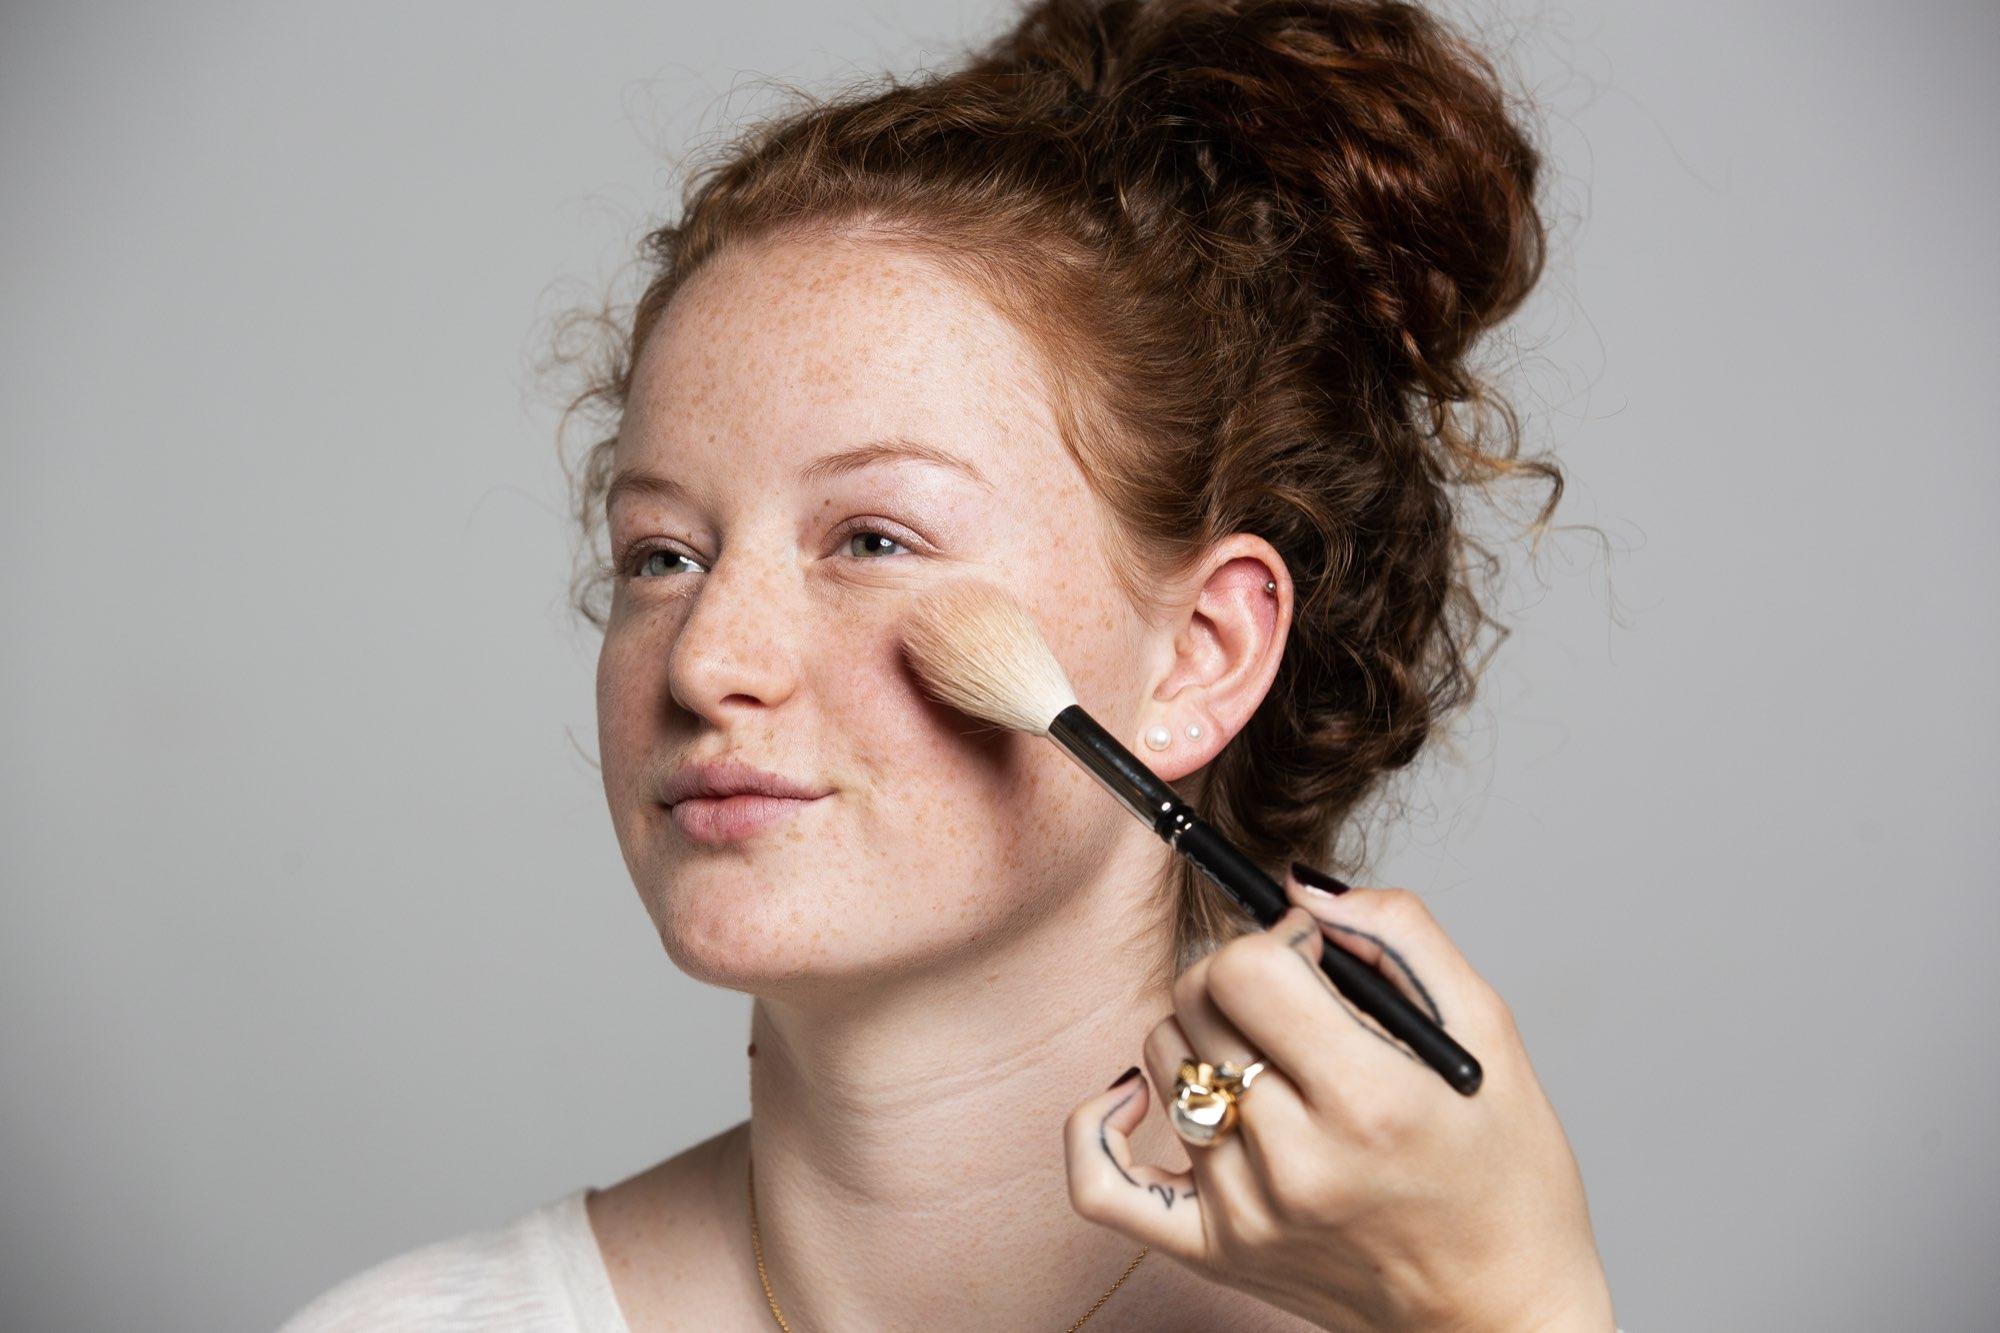 5 Minuten Makeup  - 5-minuten-makeup--ID14535-5.jpeg?v=1597756592